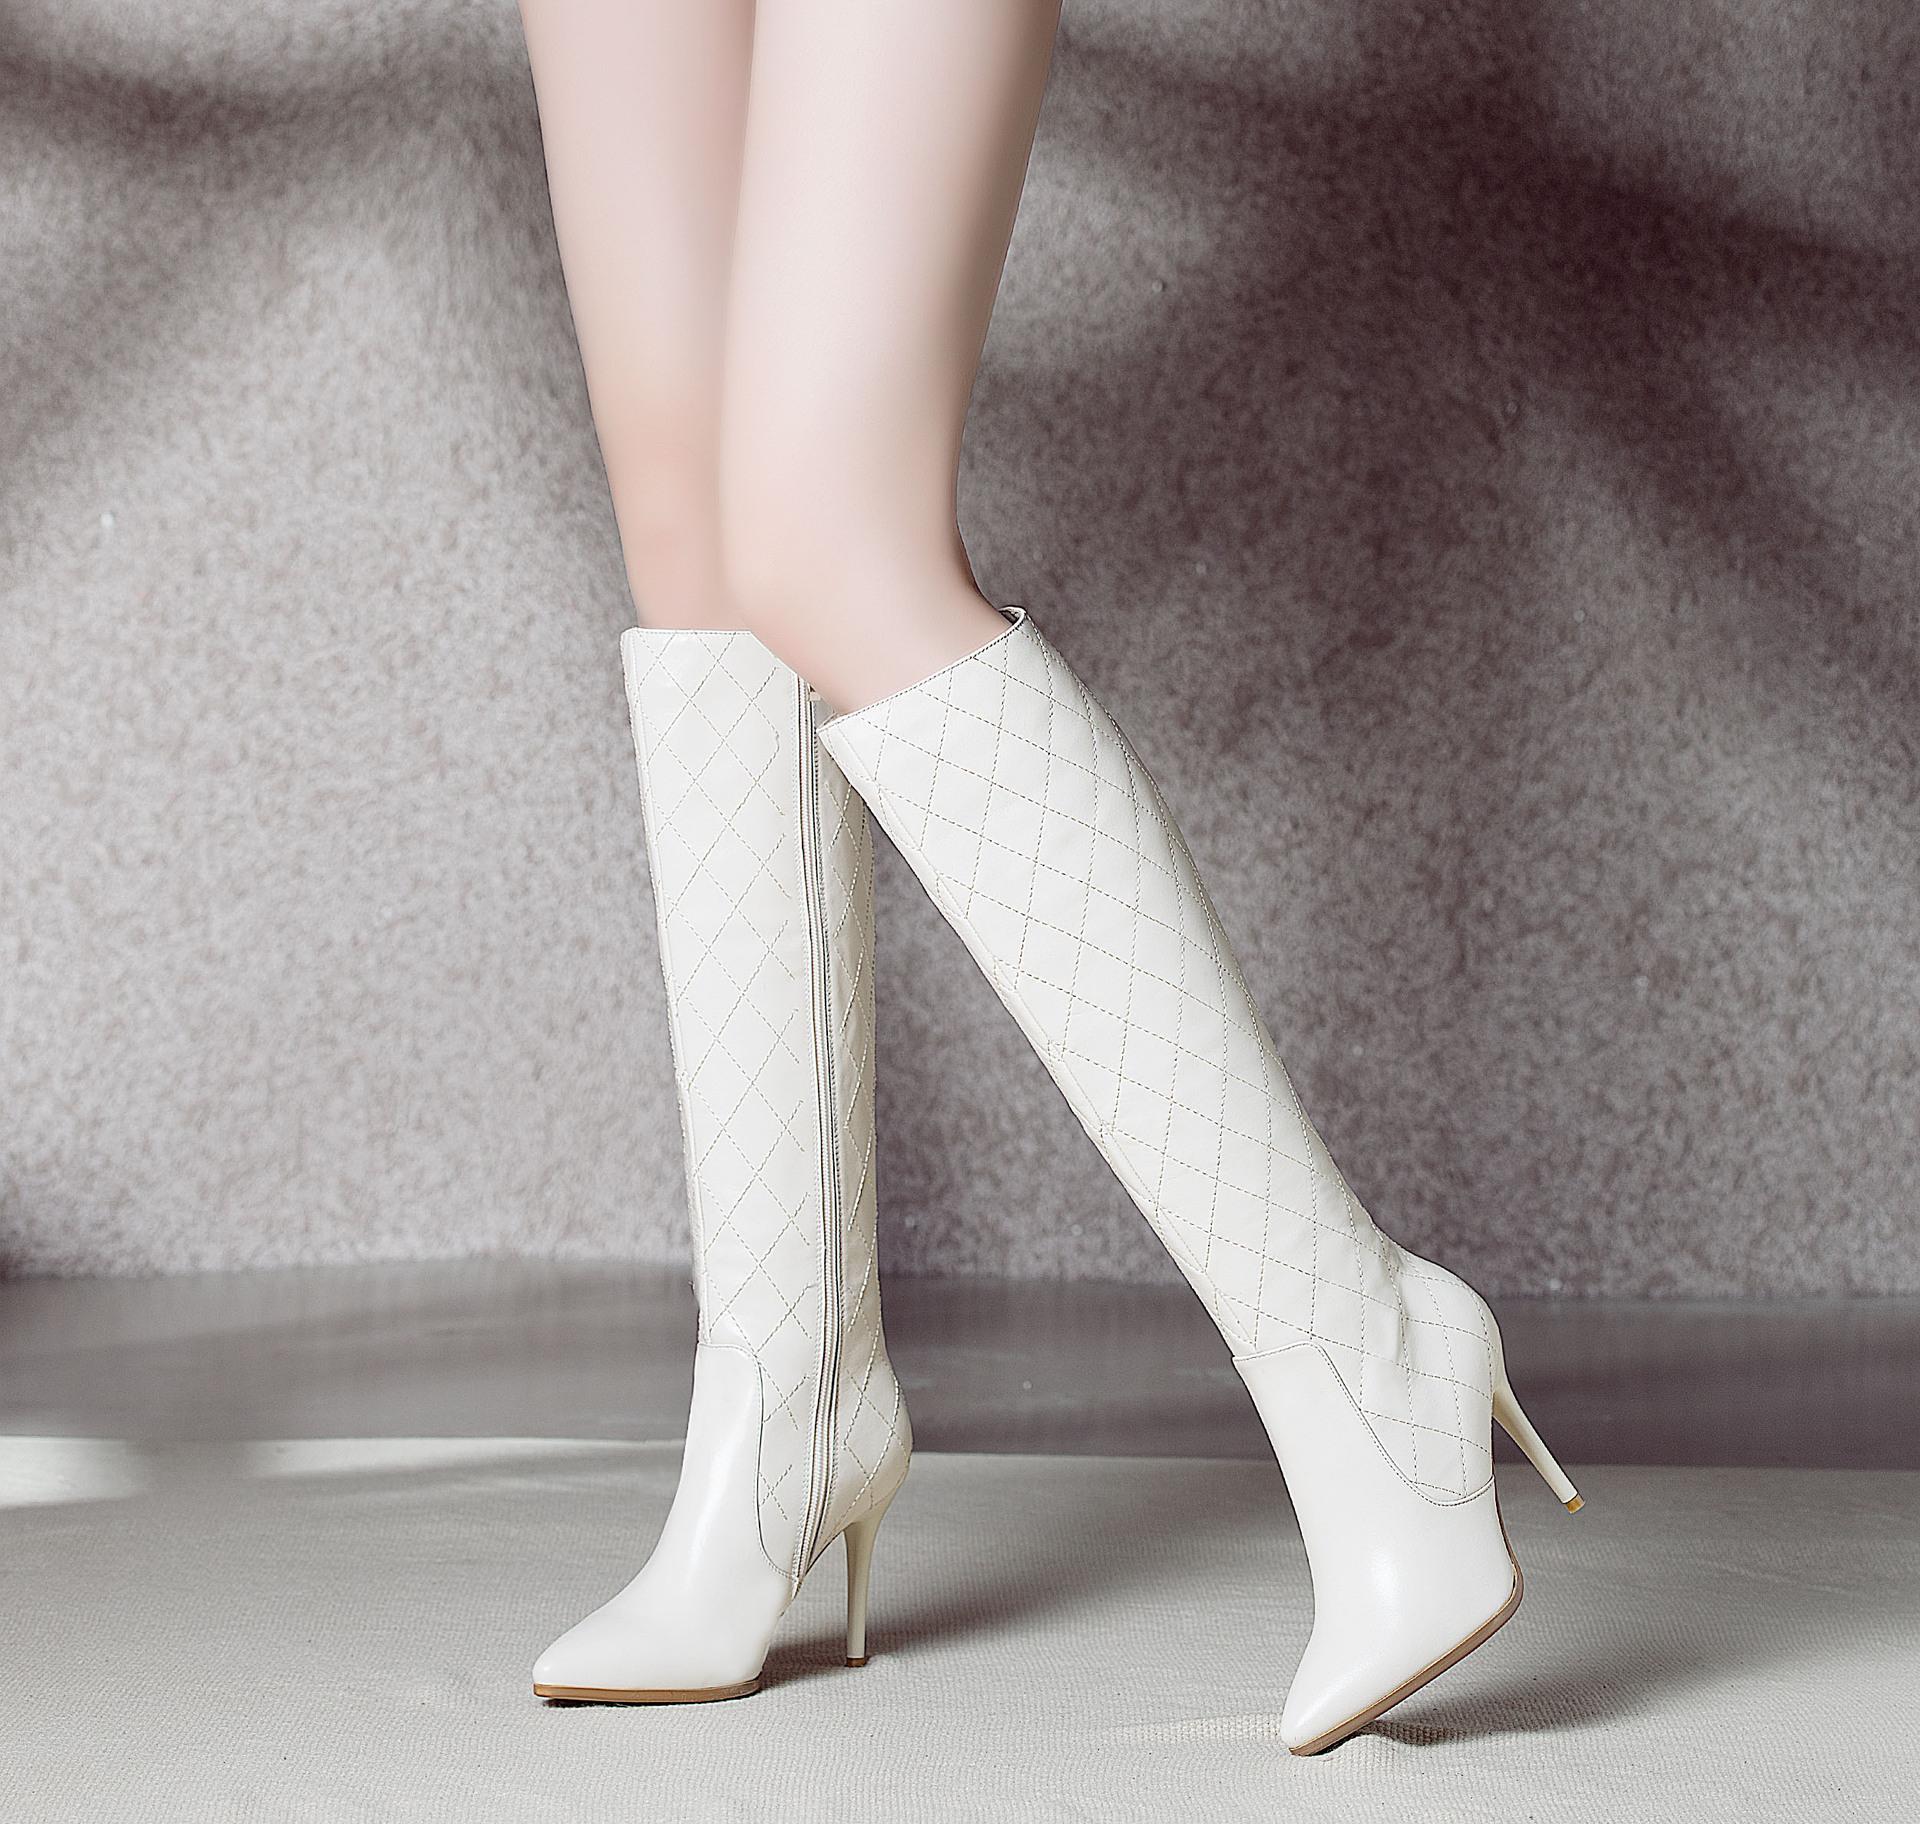 芮婕鞋靴*2015冬季新款细跟真皮白色高跟鞋高筒长靴子